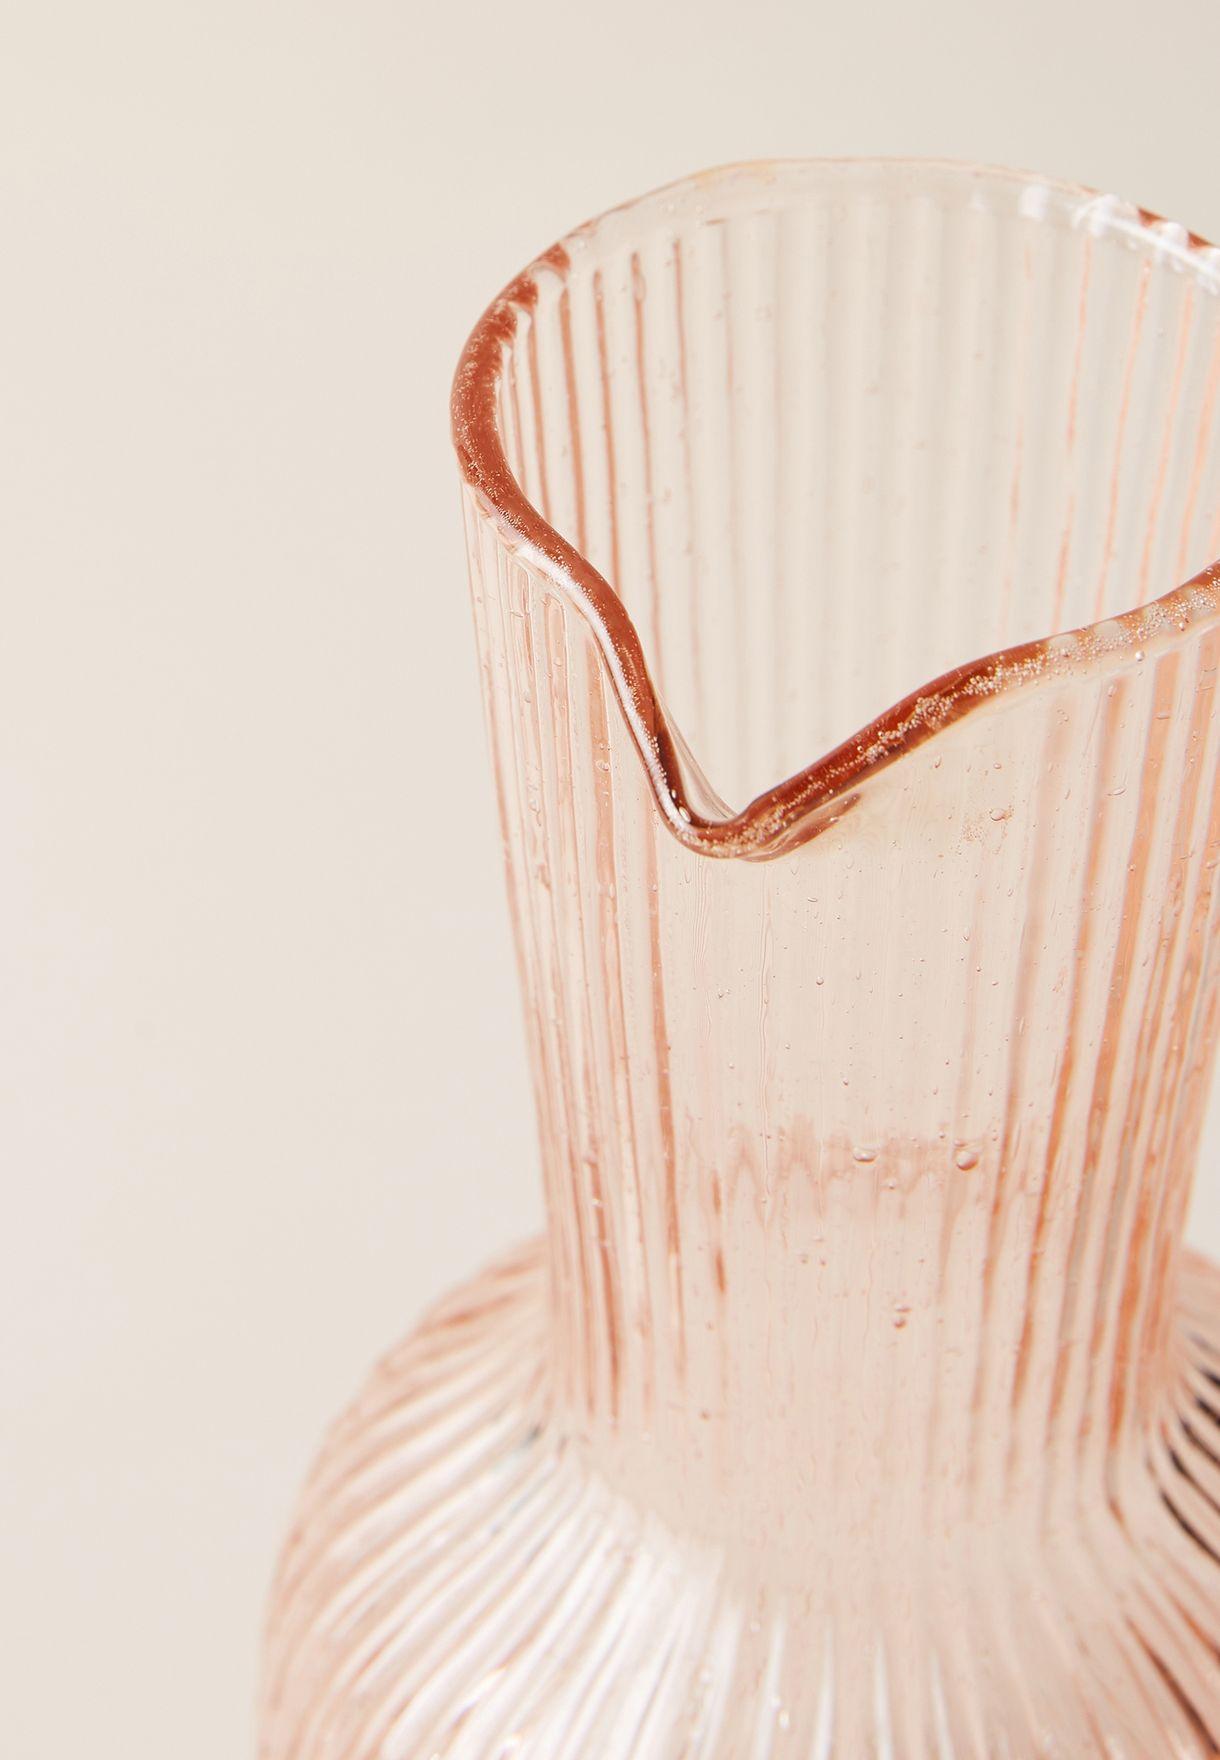 مجموعة ادوات زجاجية عدد 3